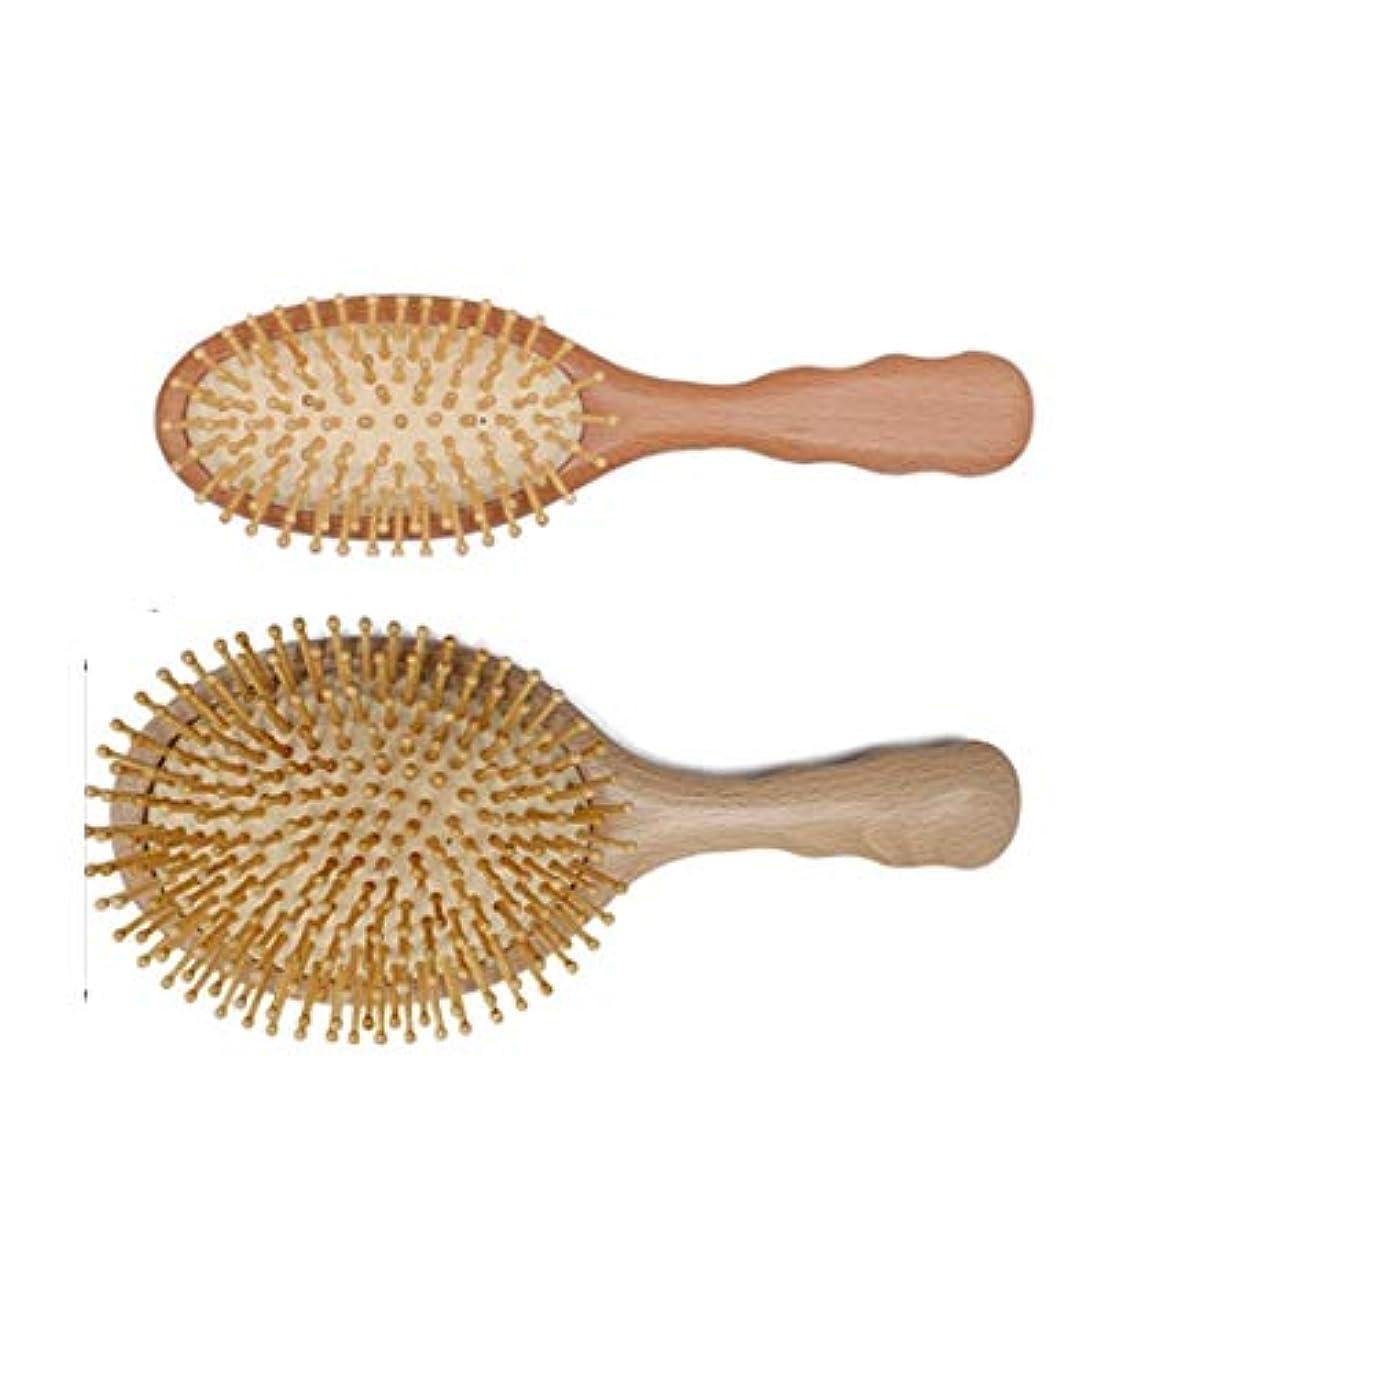 残り前者カリキュラムGuomao 人のための木製の剛毛のマッサージの頭皮の櫛が付いている木製のゴム製ヘアブラシ10inch (サイズ : L)